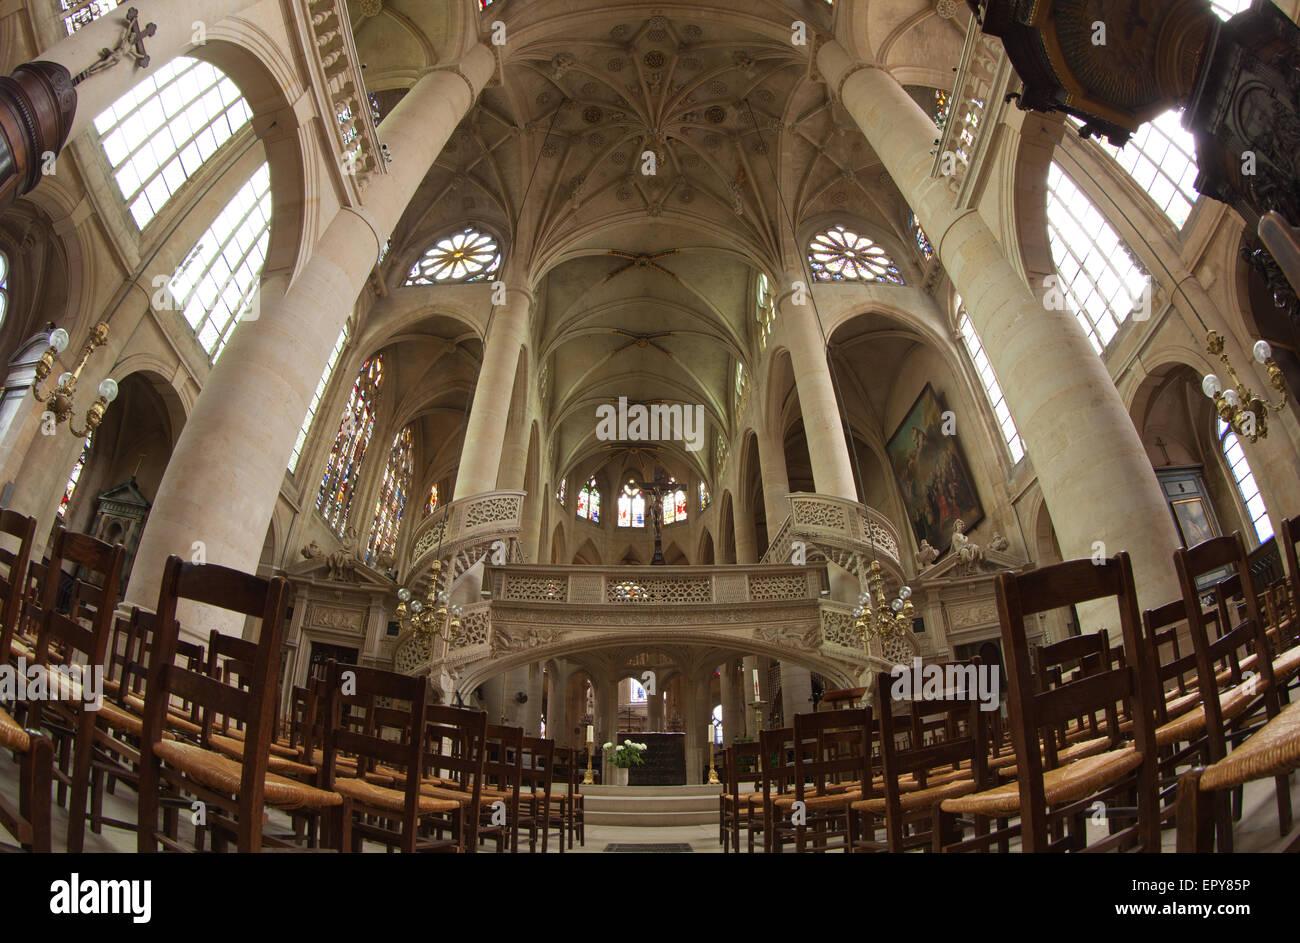 The church of Saint-Etienne-du-Mont, Paris, France. - Stock Image